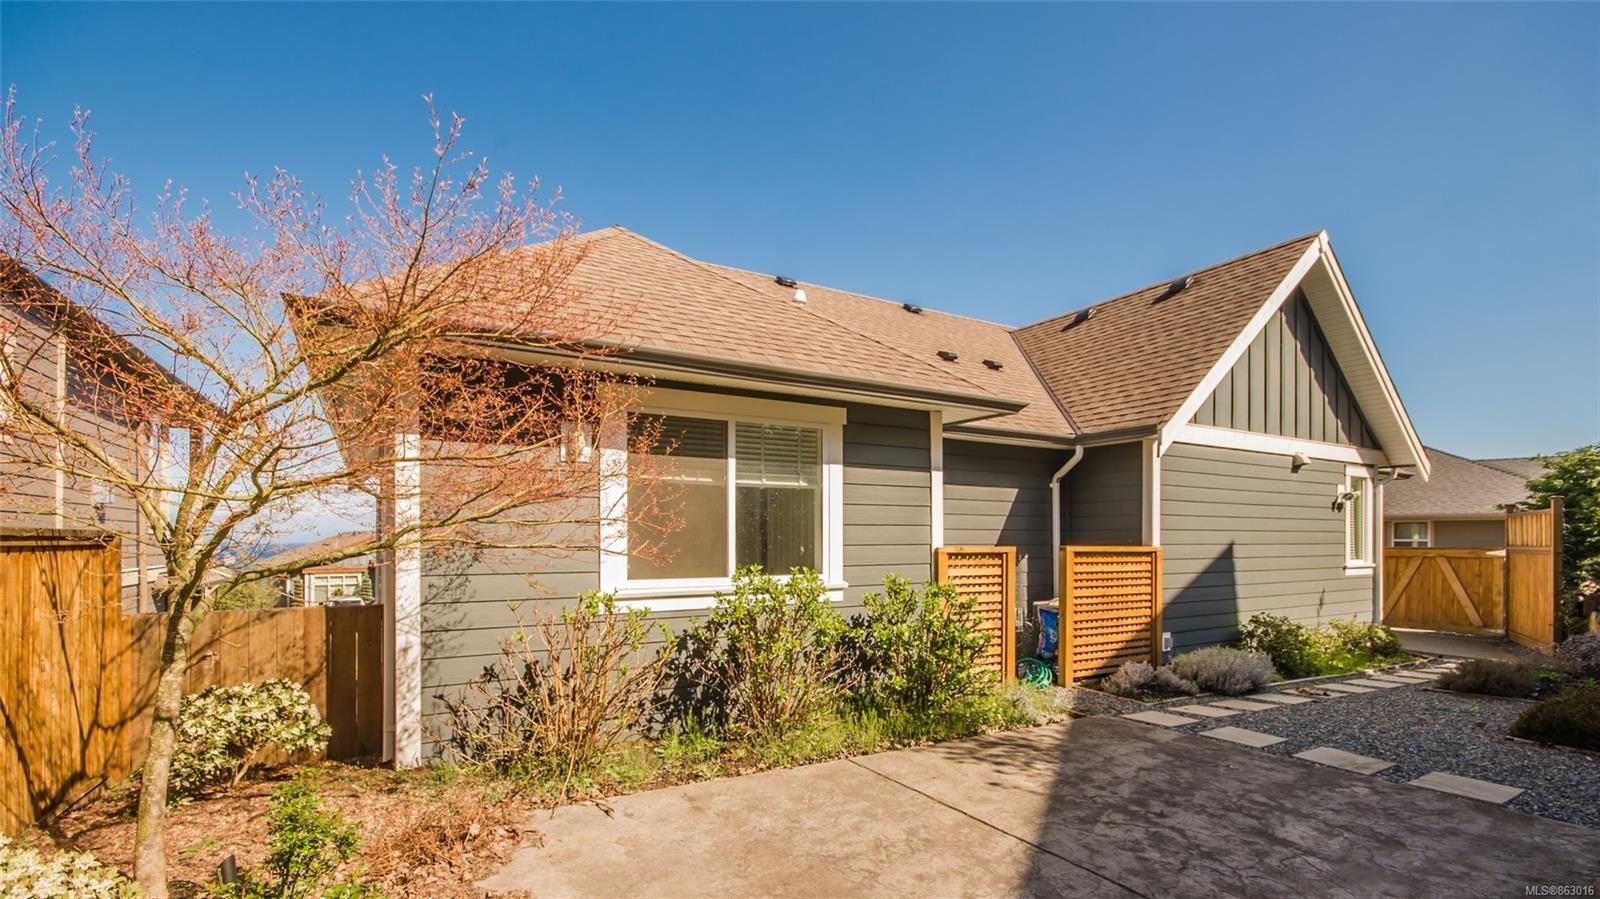 Photo 38: Photos: 5361 Laguna Way in : Na North Nanaimo House for sale (Nanaimo)  : MLS®# 863016